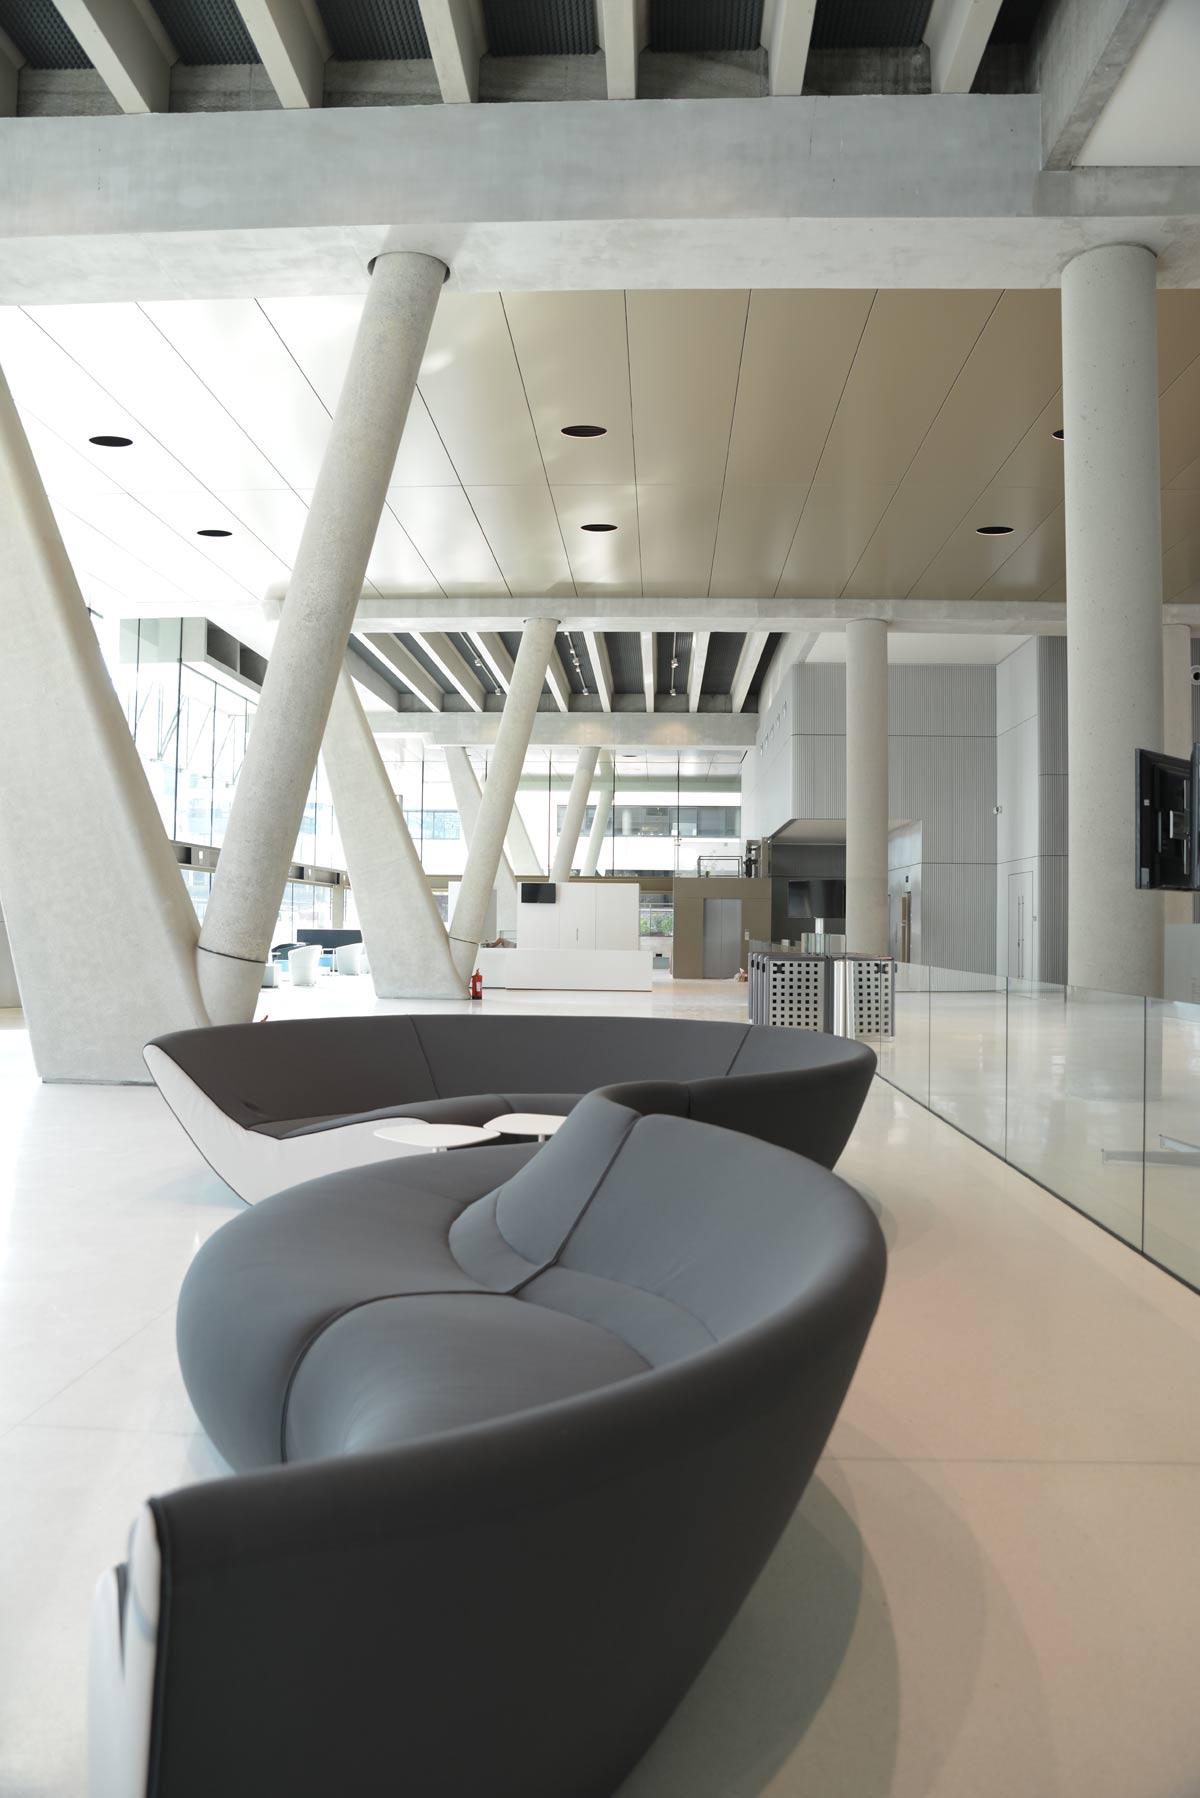 velum lyon franck hammoutene arabesques b nisterie restauration. Black Bedroom Furniture Sets. Home Design Ideas